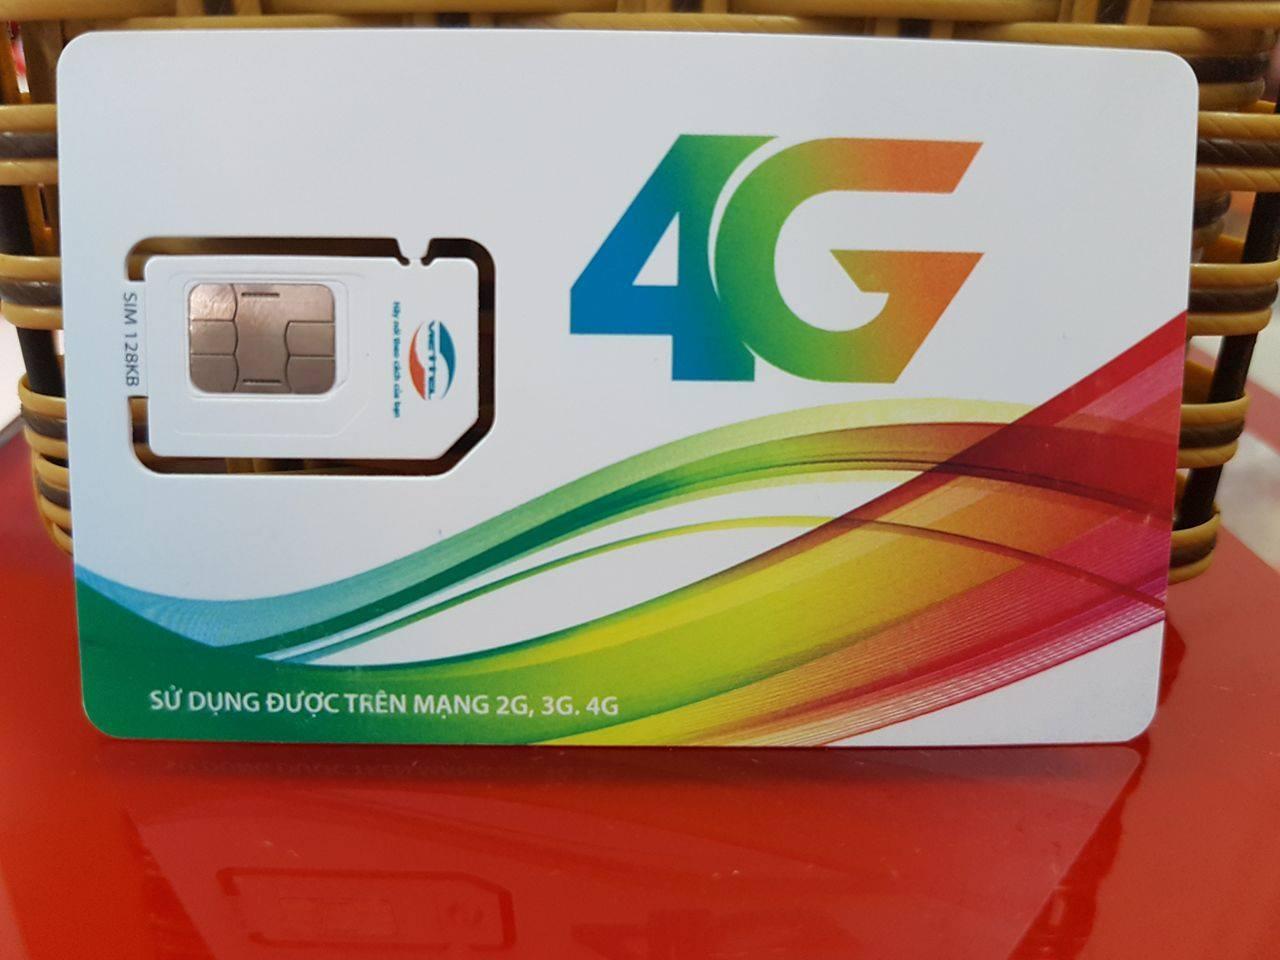 Mã Khuyến Mại Sim 3G 4G Viettel V90 Km 60Gb Thang Gọi Miễn Gọi Nội Mạng 50 Phut Gọi Ngoại Mạng Viettel Mới Nhất